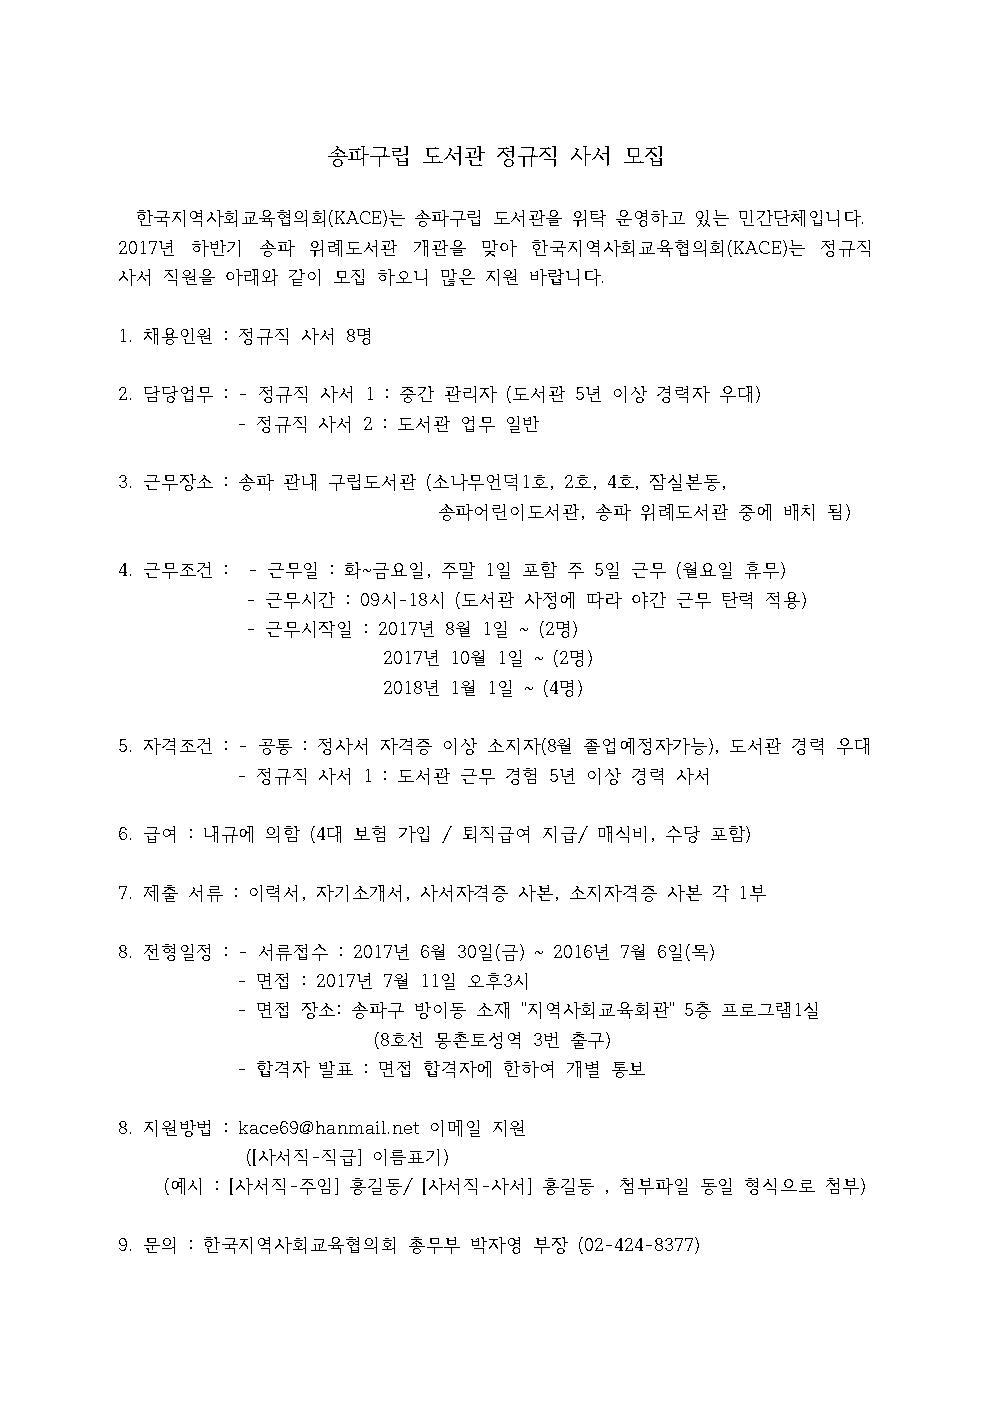 송파구립 도서관 정규직 사서 모집(2017.6.30.)001.jpg